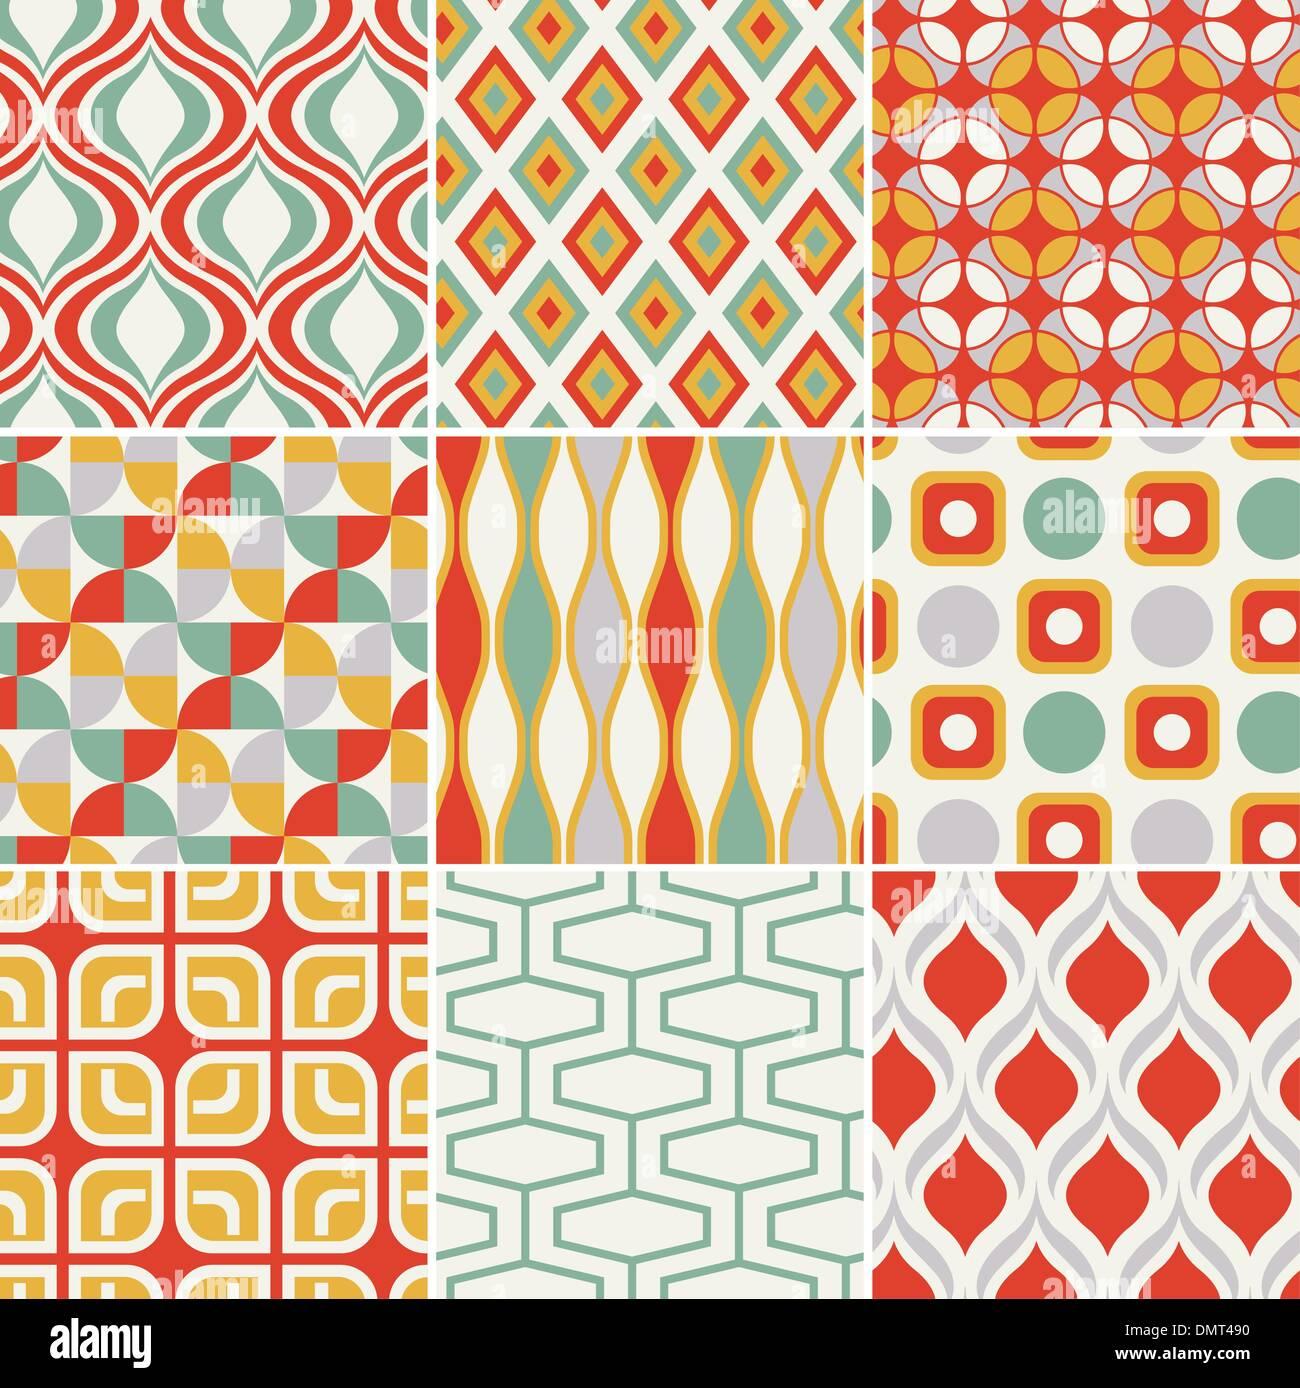 Retro abstract transparente motif géométrique Photo Stock